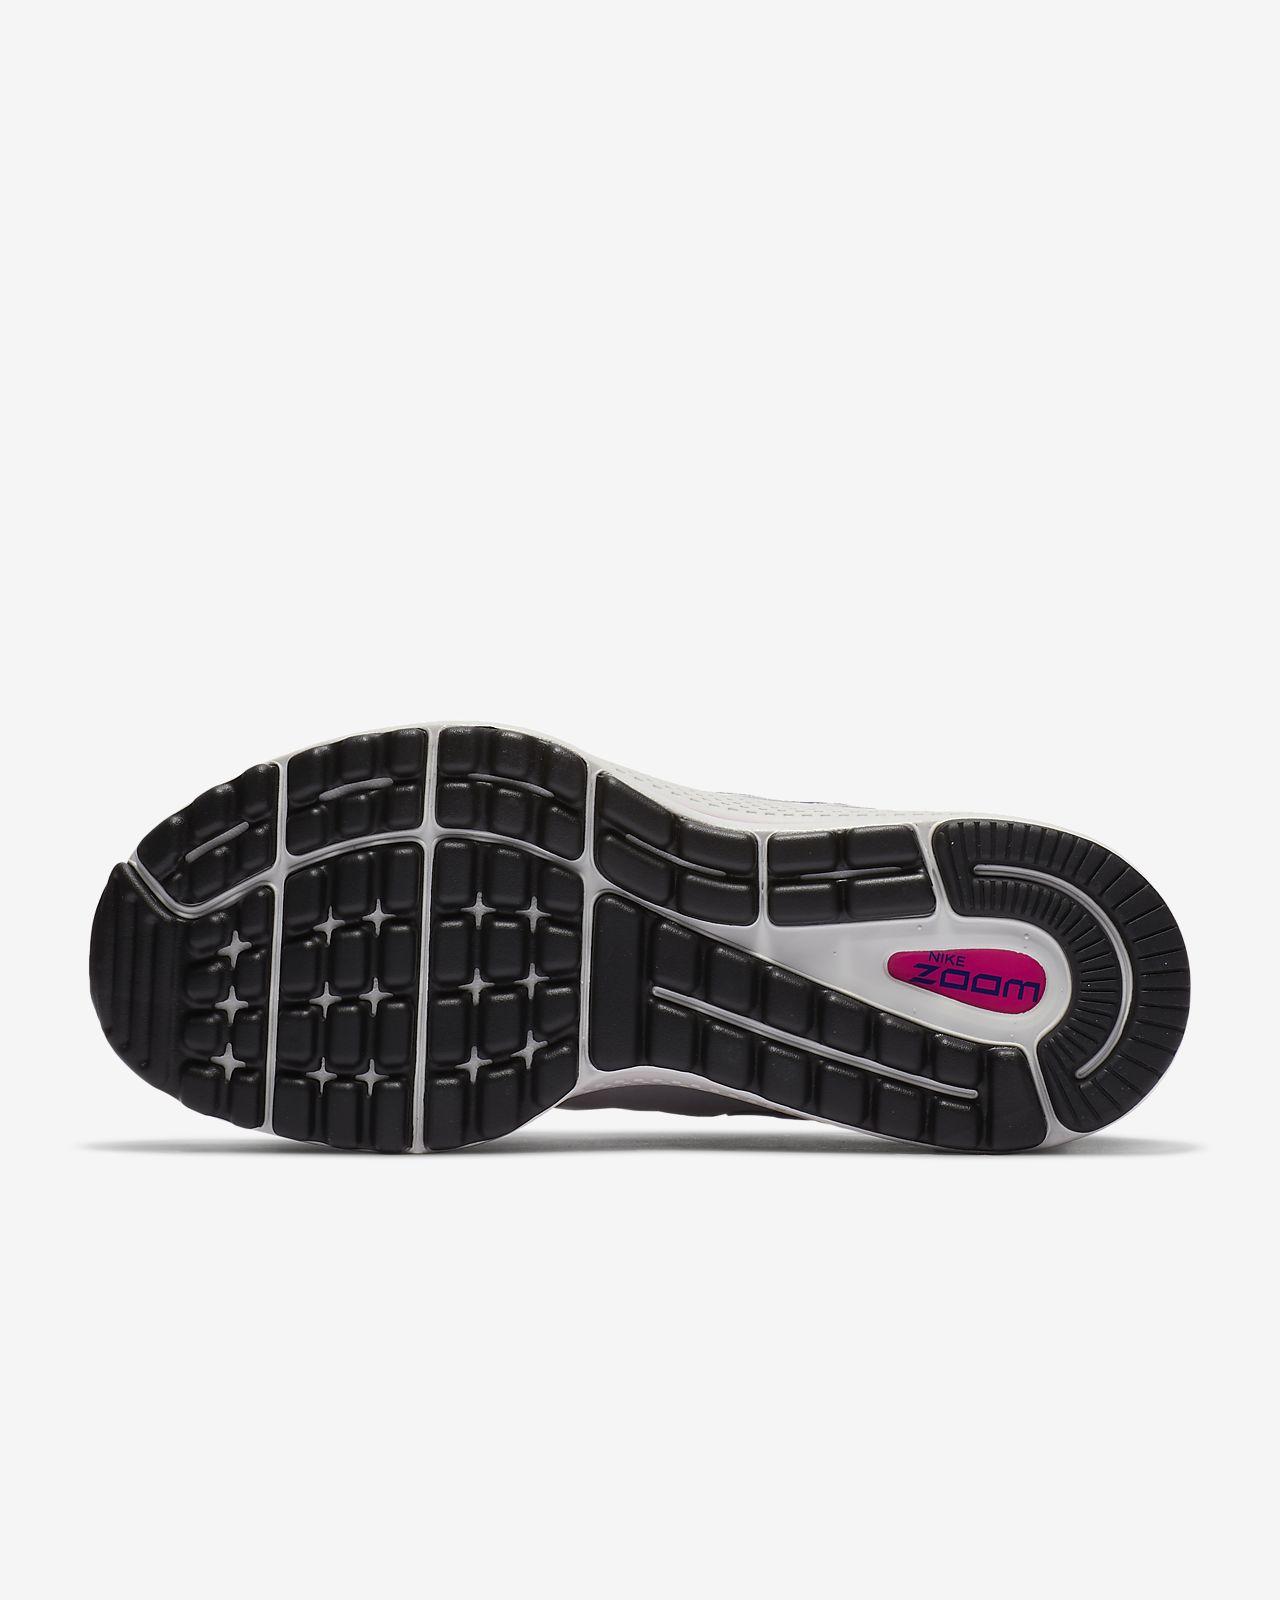 13 Vomero Zoom Nike Vomero Nike Scarpa Air da Donna esecuzione In XwxAqv0a